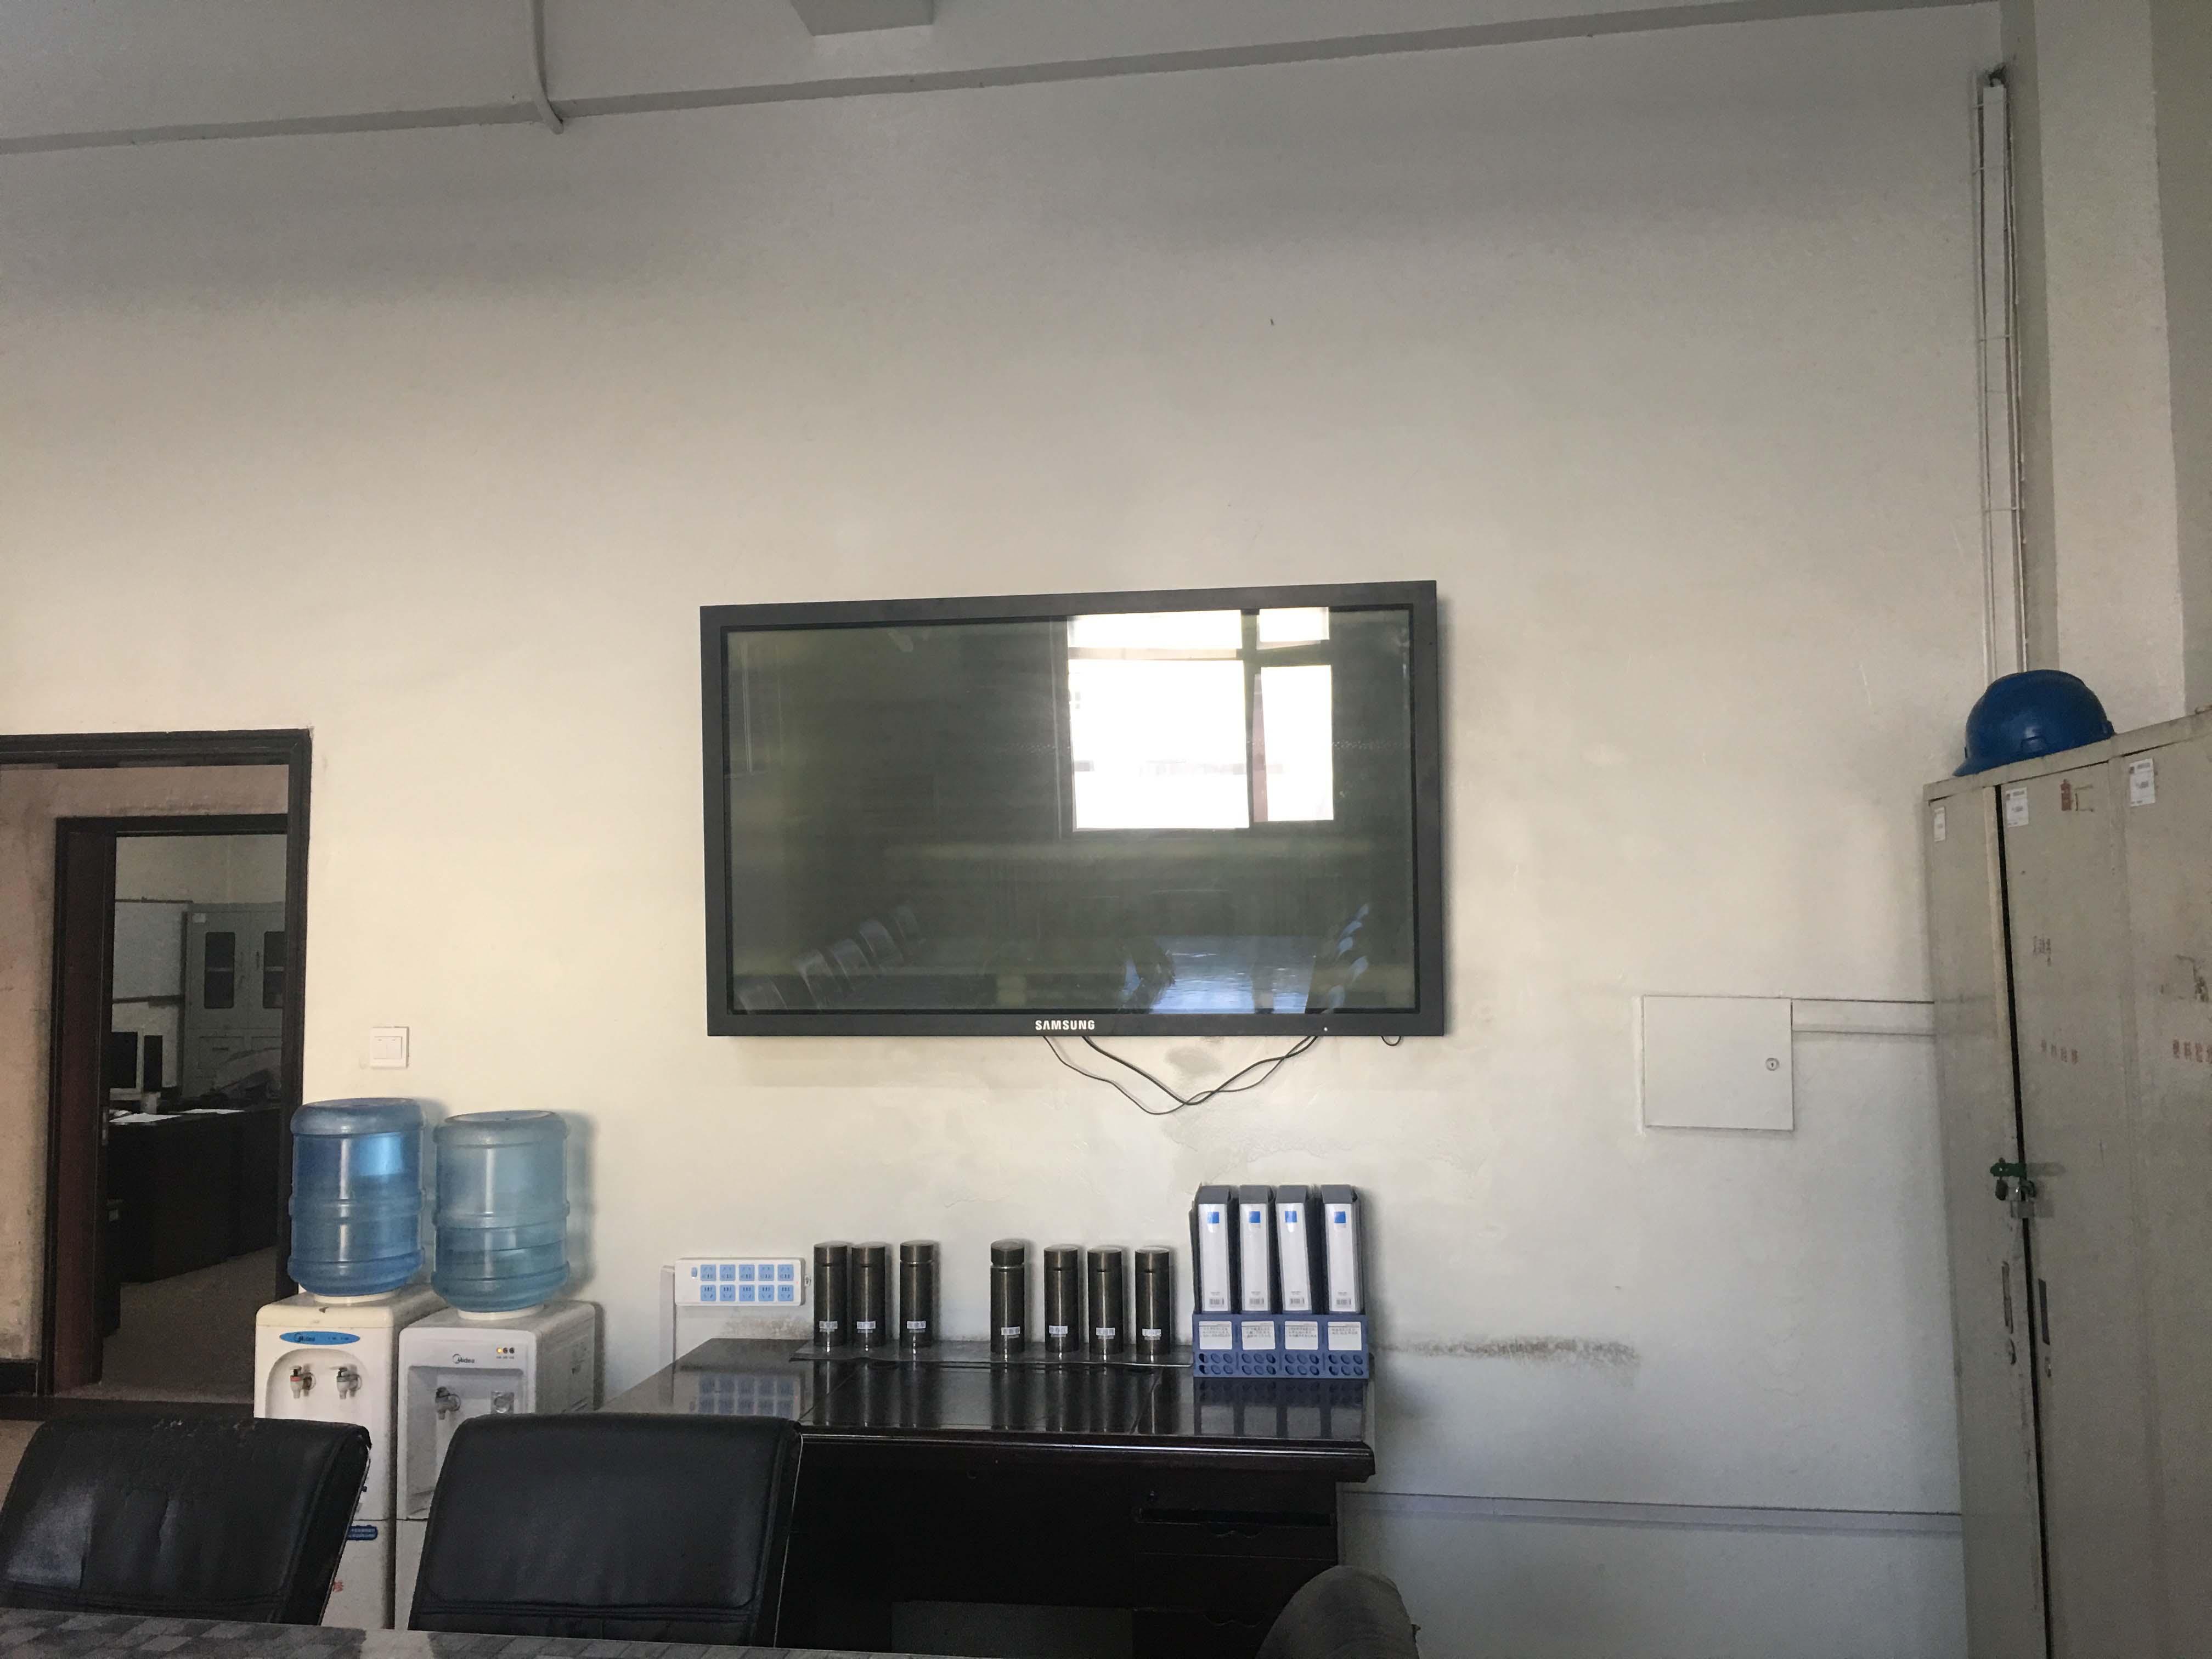 檢修班組配置的55液晶電視.jpg